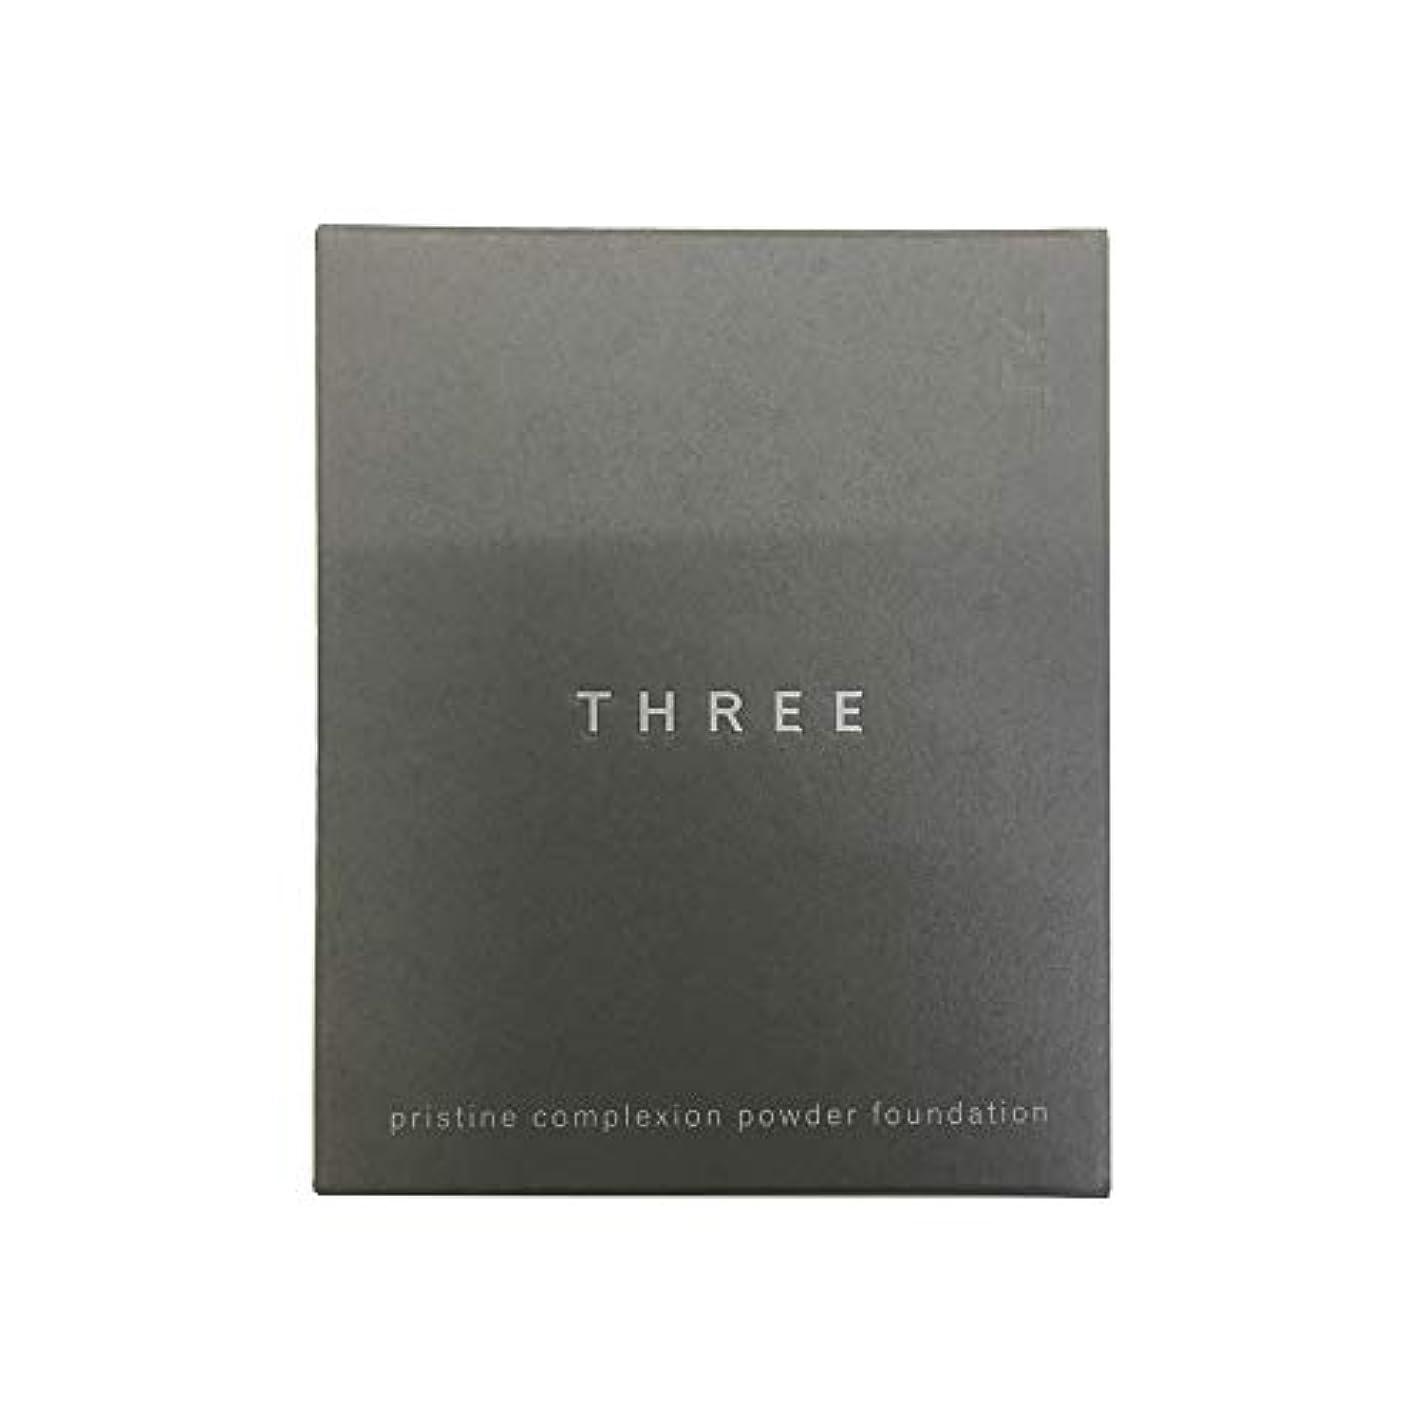 状況症候群復活THREE(スリー) プリスティーンコンプレクションパウダーファンデーション #204(リフィル) [ パウダーファンデーション ] [並行輸入品]